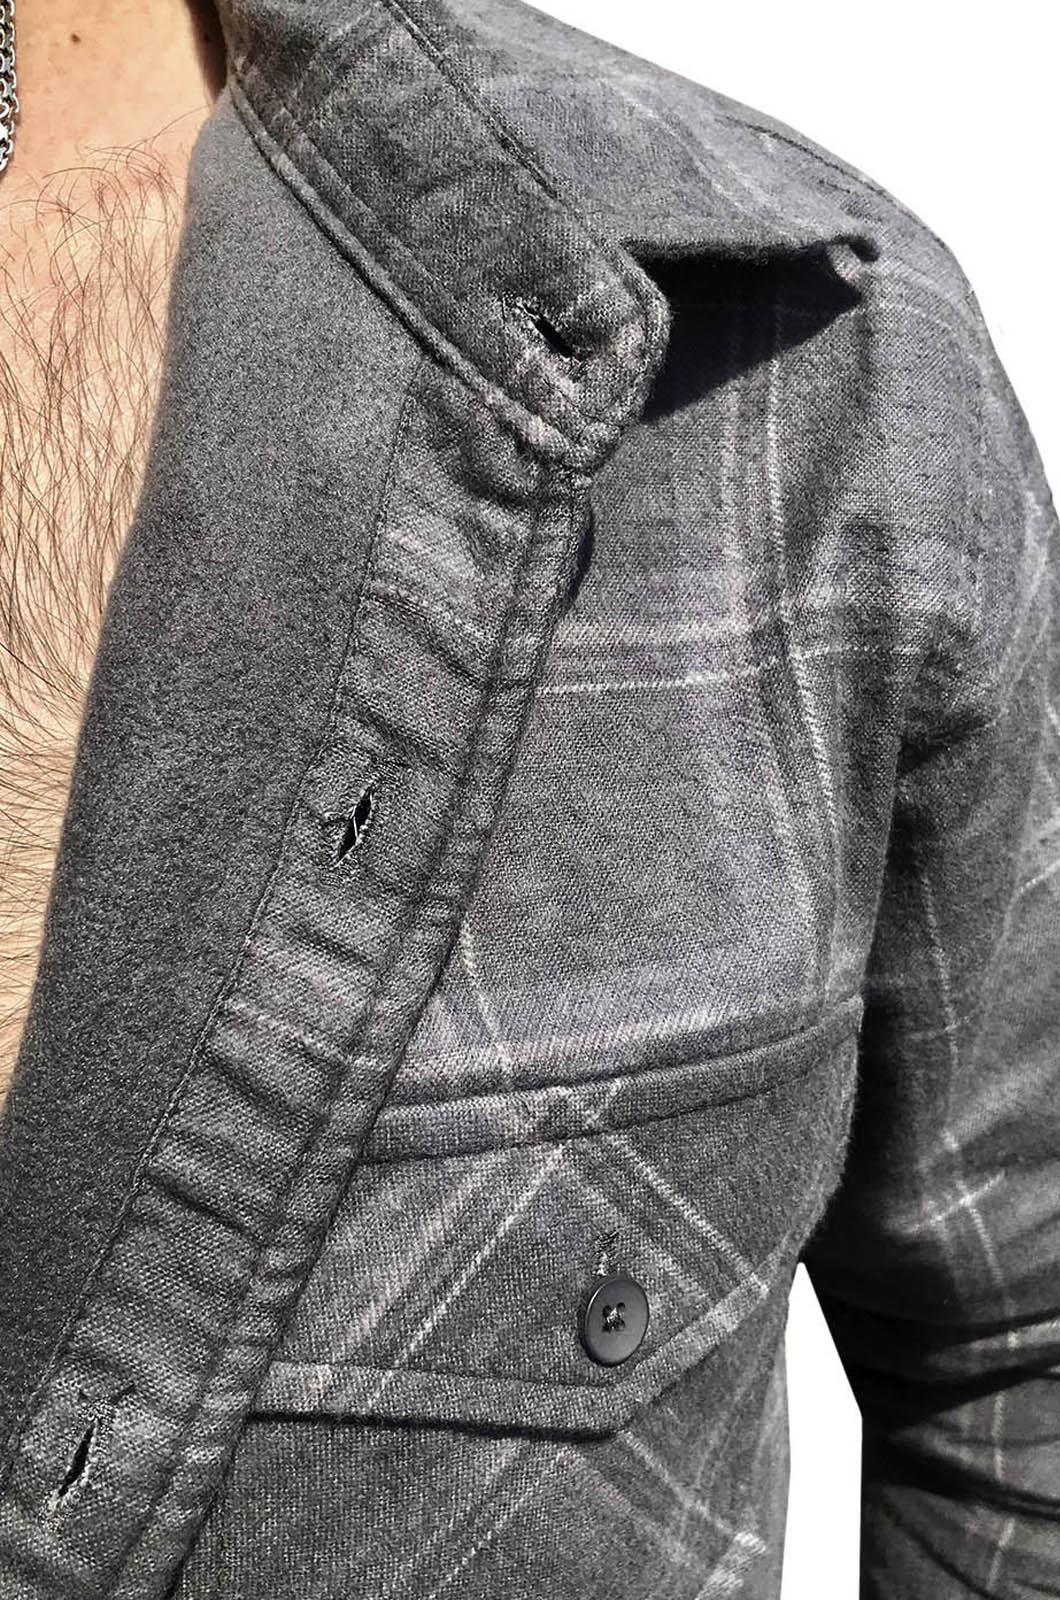 Лучшая мужская рубашка с вышитым флагом Дагестана - купить в подарок